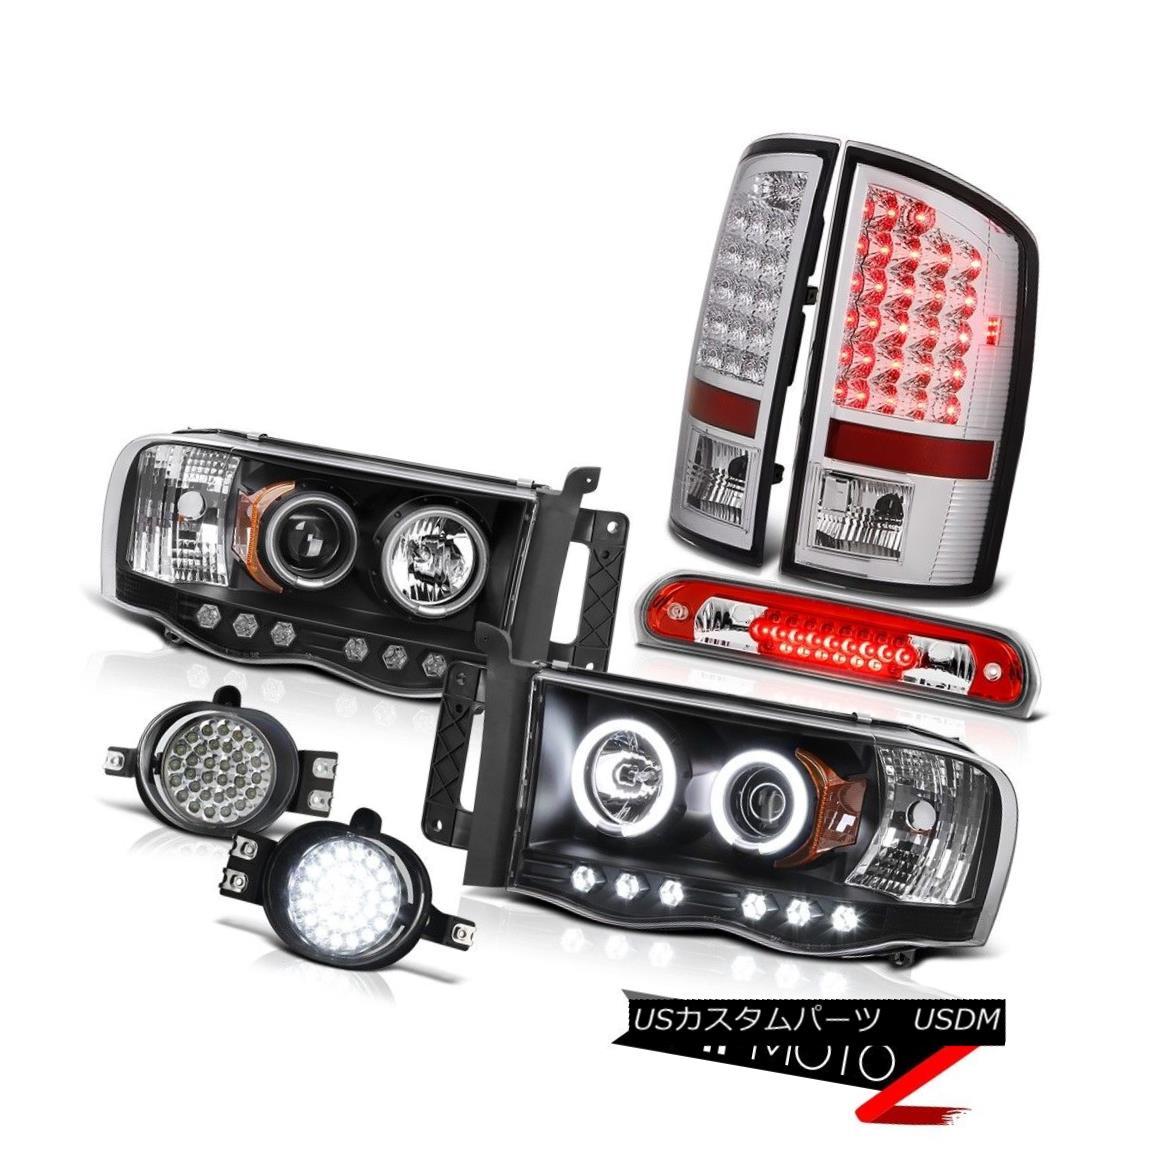 高級感 テールライト 2002-05 Ram 2002-05 2500 2500 CCFL テールライト Halo Headlights LED Tail Lights Surface Fog High Stop Red 2002-05 Ram 2500 CCFL HaloヘッドライトLEDテールライト表面フォグハイストップレッド, KULALASHOP:3bdcd0fc --- esef.localized.me